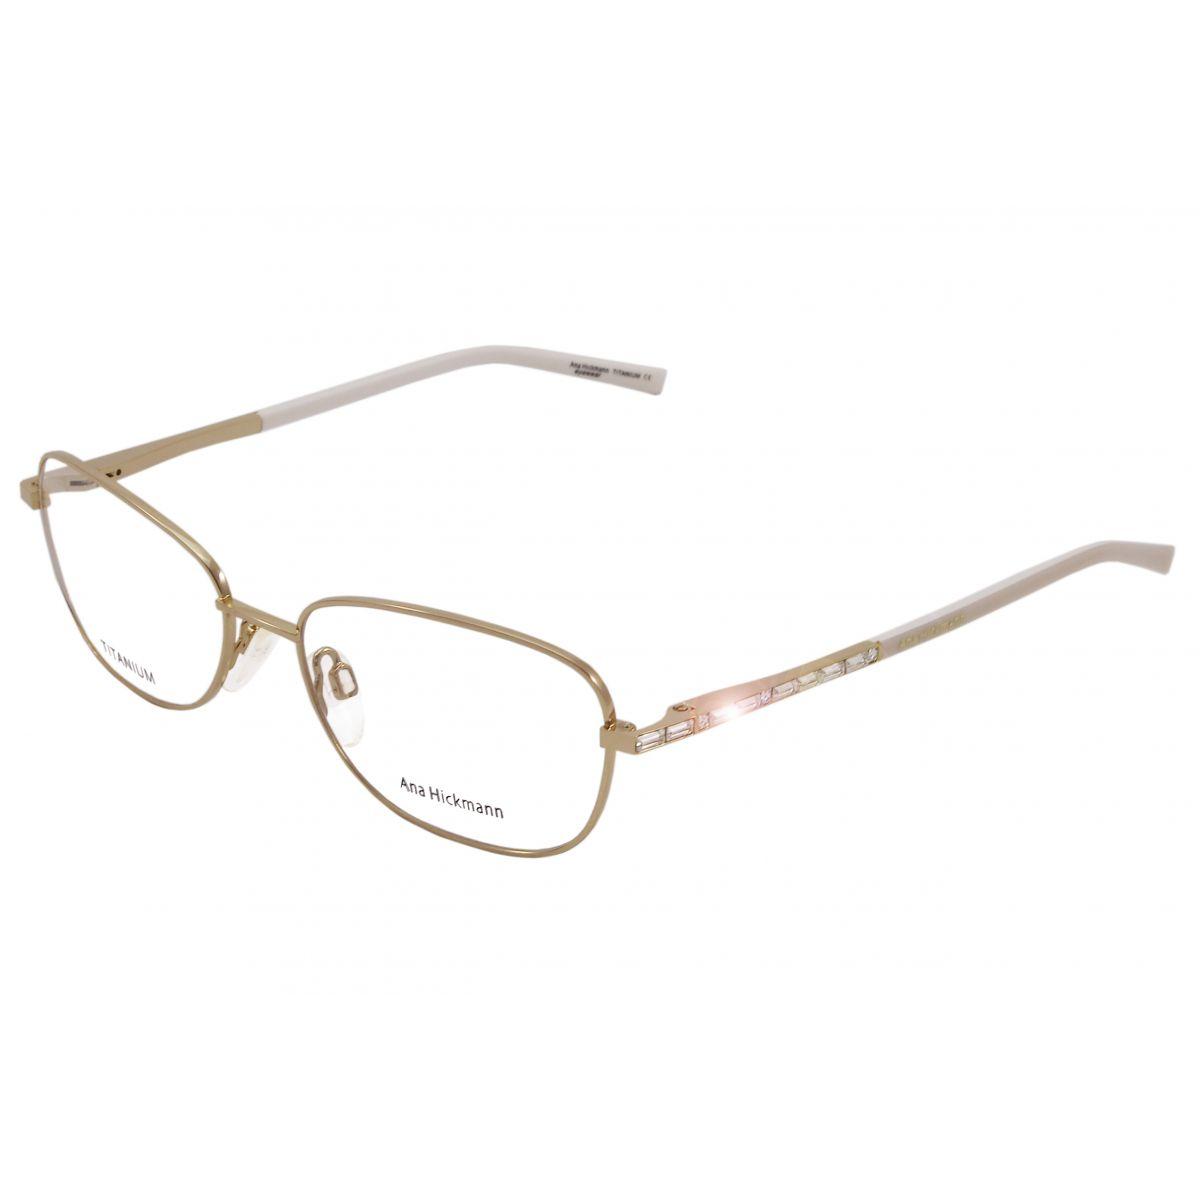 Óculos De Grau Ana Hickmann Titânio AH1261 04A Tam.54Ana Hickmann  OriginalAna Hickmann GrauCompra segura, produto original com nota fiscal e  garantia de ... fdfc18f99e